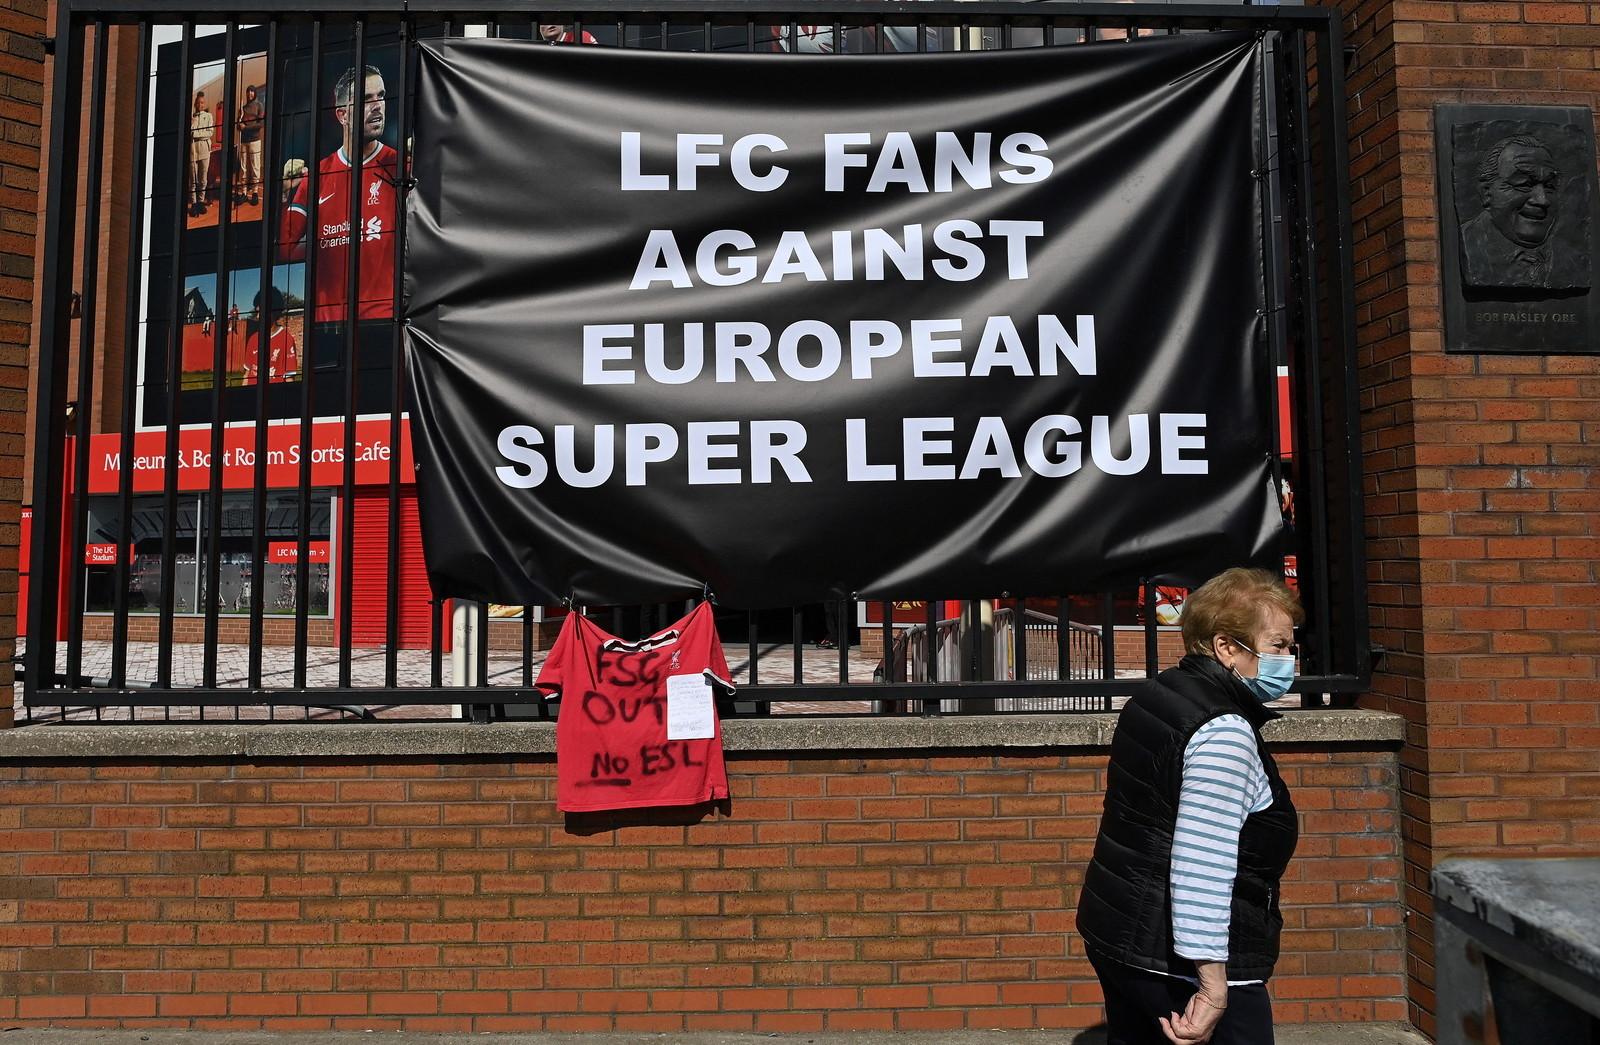 L&#39;annuncio della Super League non &egrave; andato gi&ugrave; a molti tifosi, in Inghilterra diverse proteste con relativi striscioni: davanti agli stadi di Liverpool, Arsenal e Leeds diverse manifestazioni di contrariet&agrave; alla nuova manifestazione. &quot;Il Liverpool &egrave; morto&quot;, &quot;L&#39;Arsenal &egrave; finito, vergognatevi&quot;, &quot;I tifosi prima dei soldi&quot; si legge.&nbsp;<br /><br />